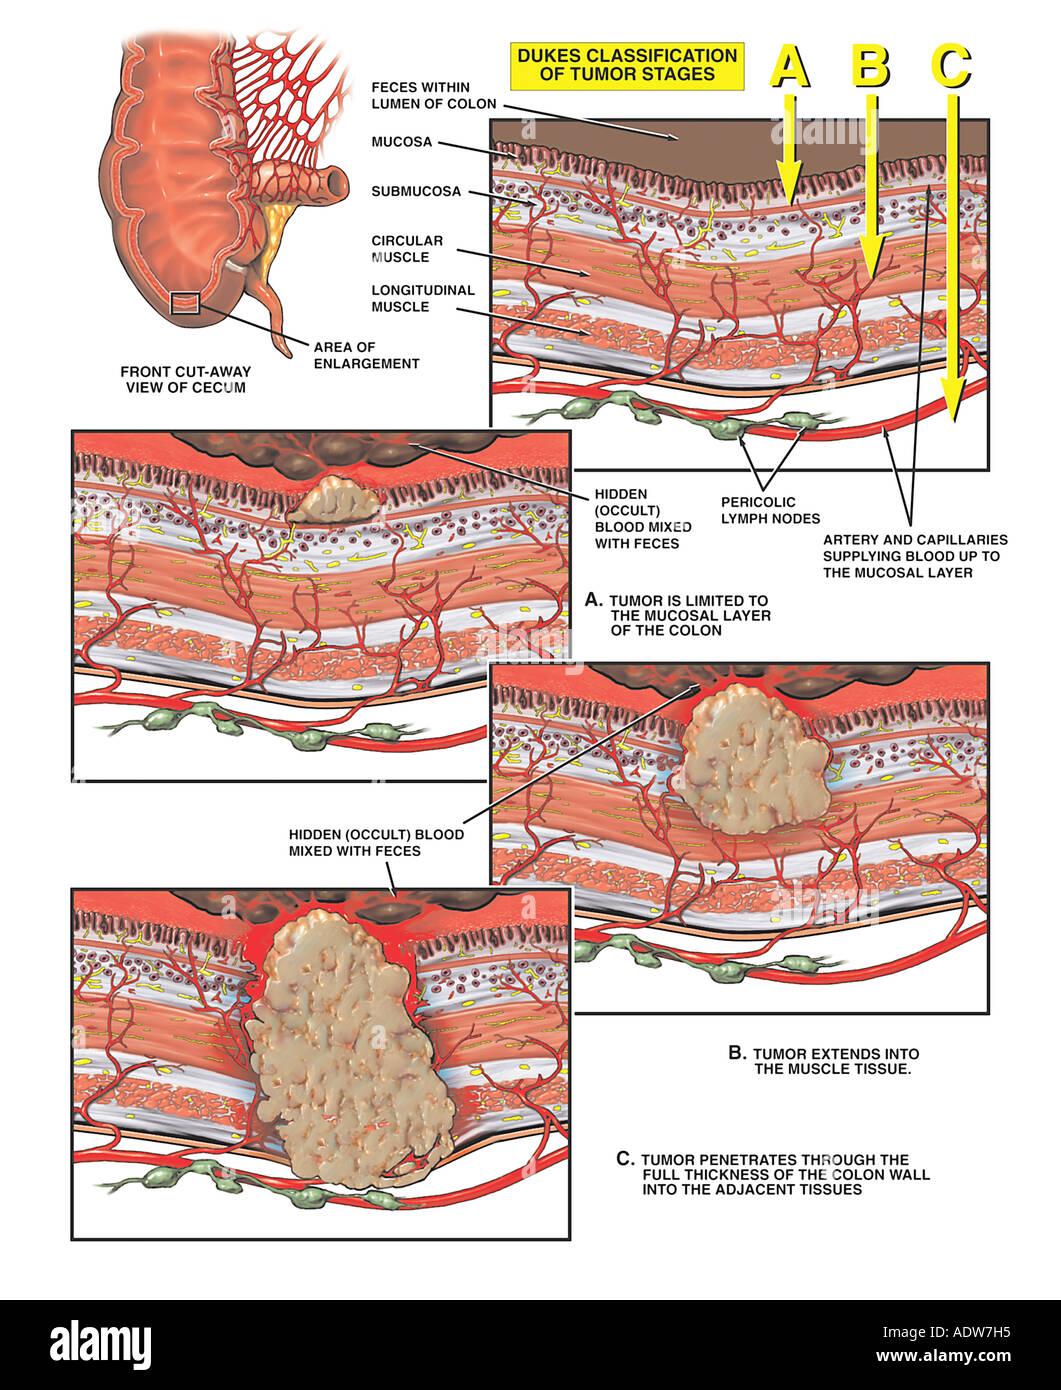 Progression of Colon Cancer - Stock Image